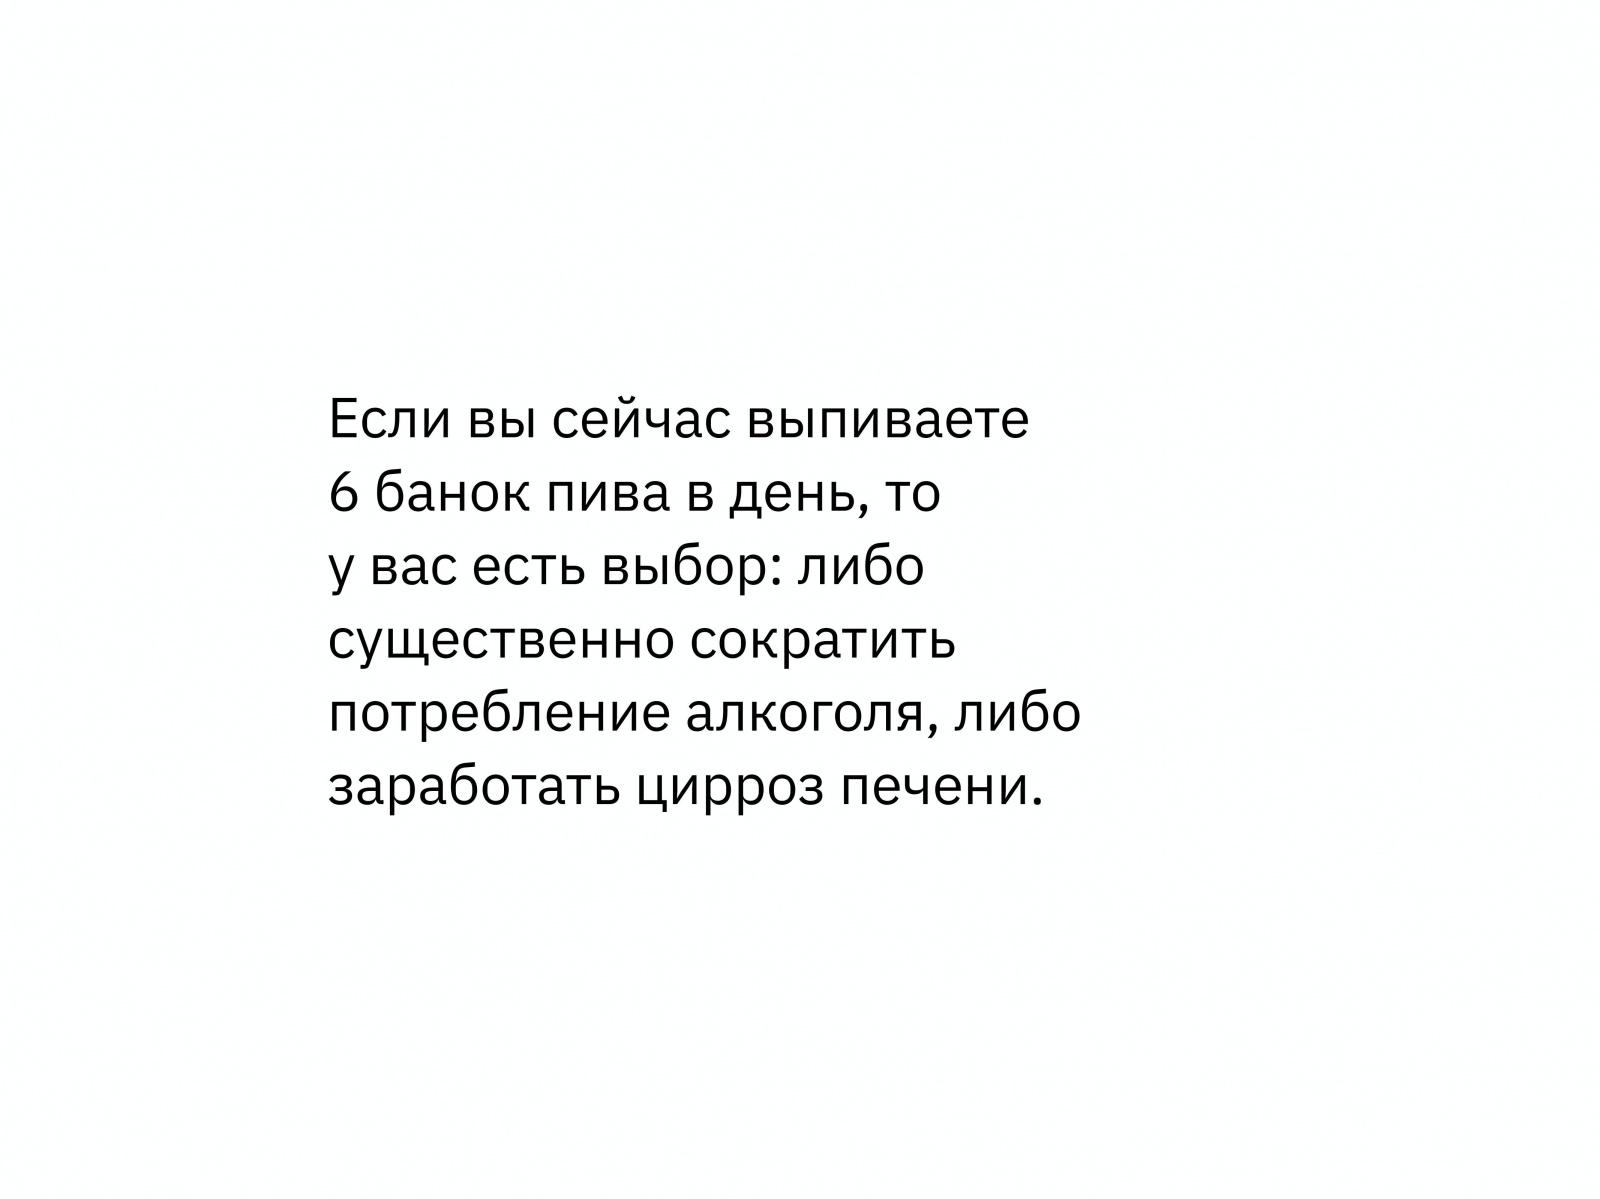 Алексей Каптерев: Критическое мышление 101 (часть 2) - 25